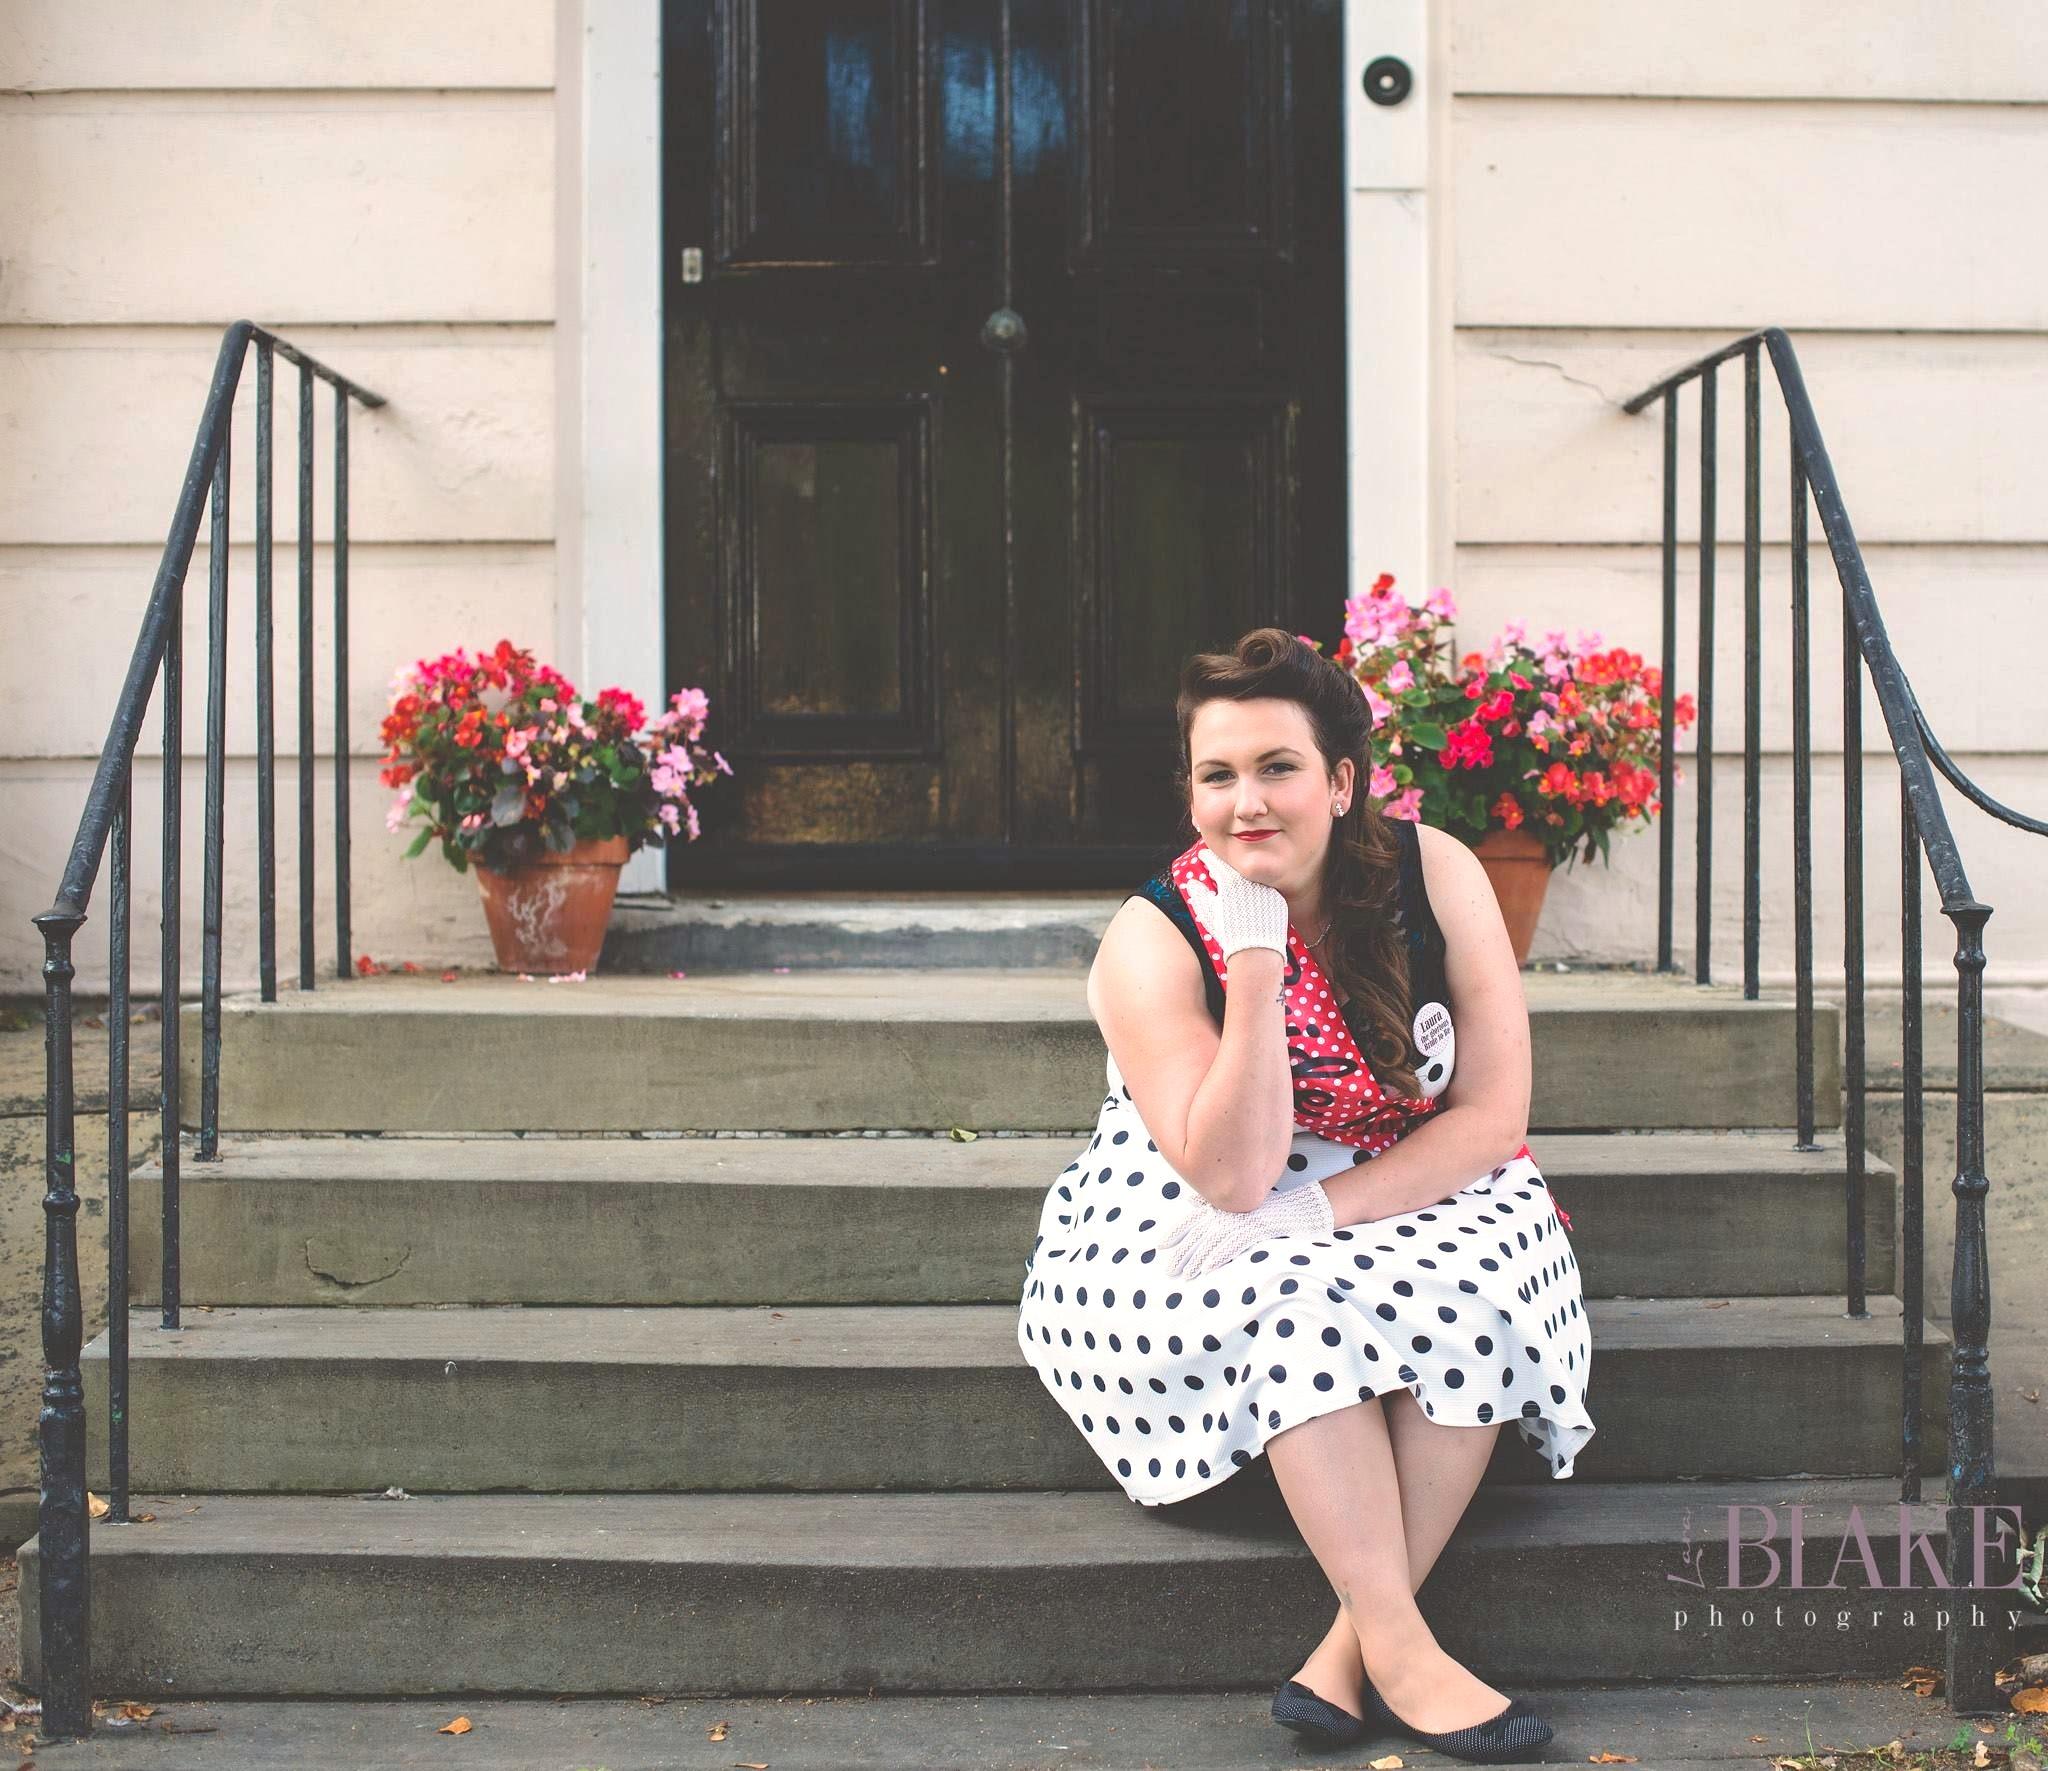 Lara Blake photoshoot